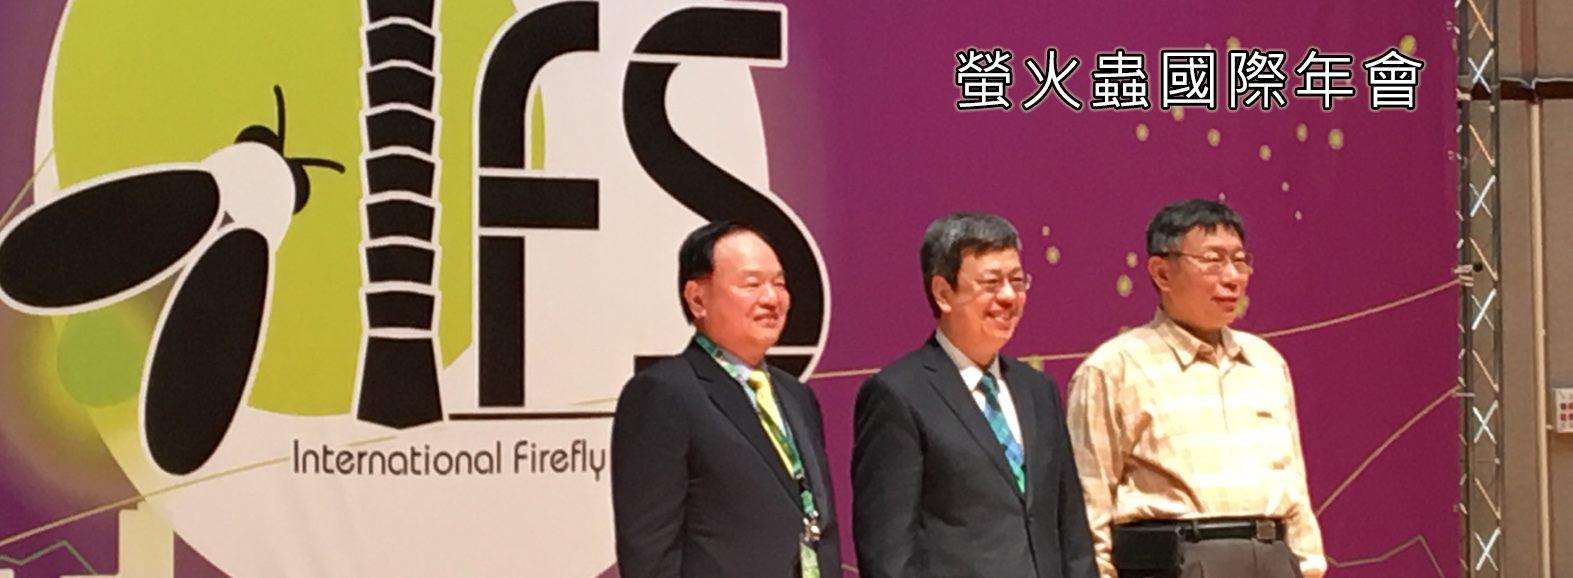 螢火蟲國際年會